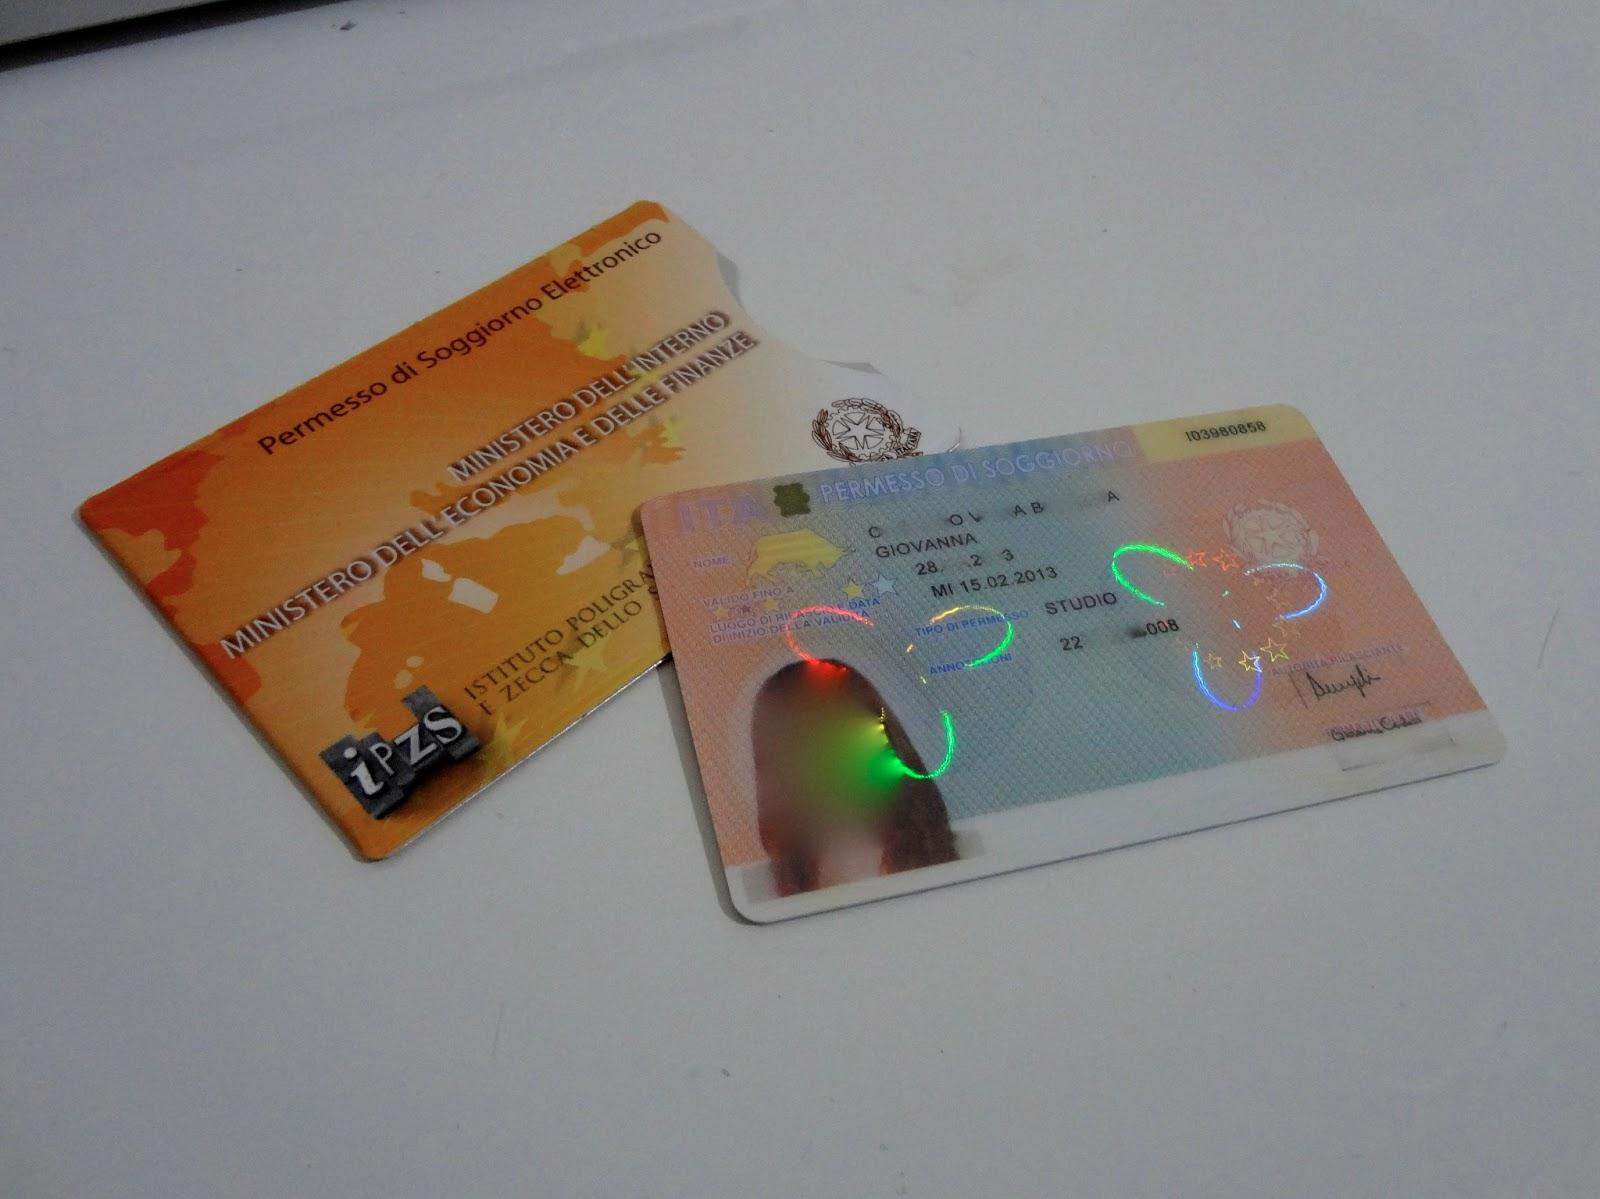 Permesso di soggiorno studente straniero for Portale immigrazione permesso di soggiorno password